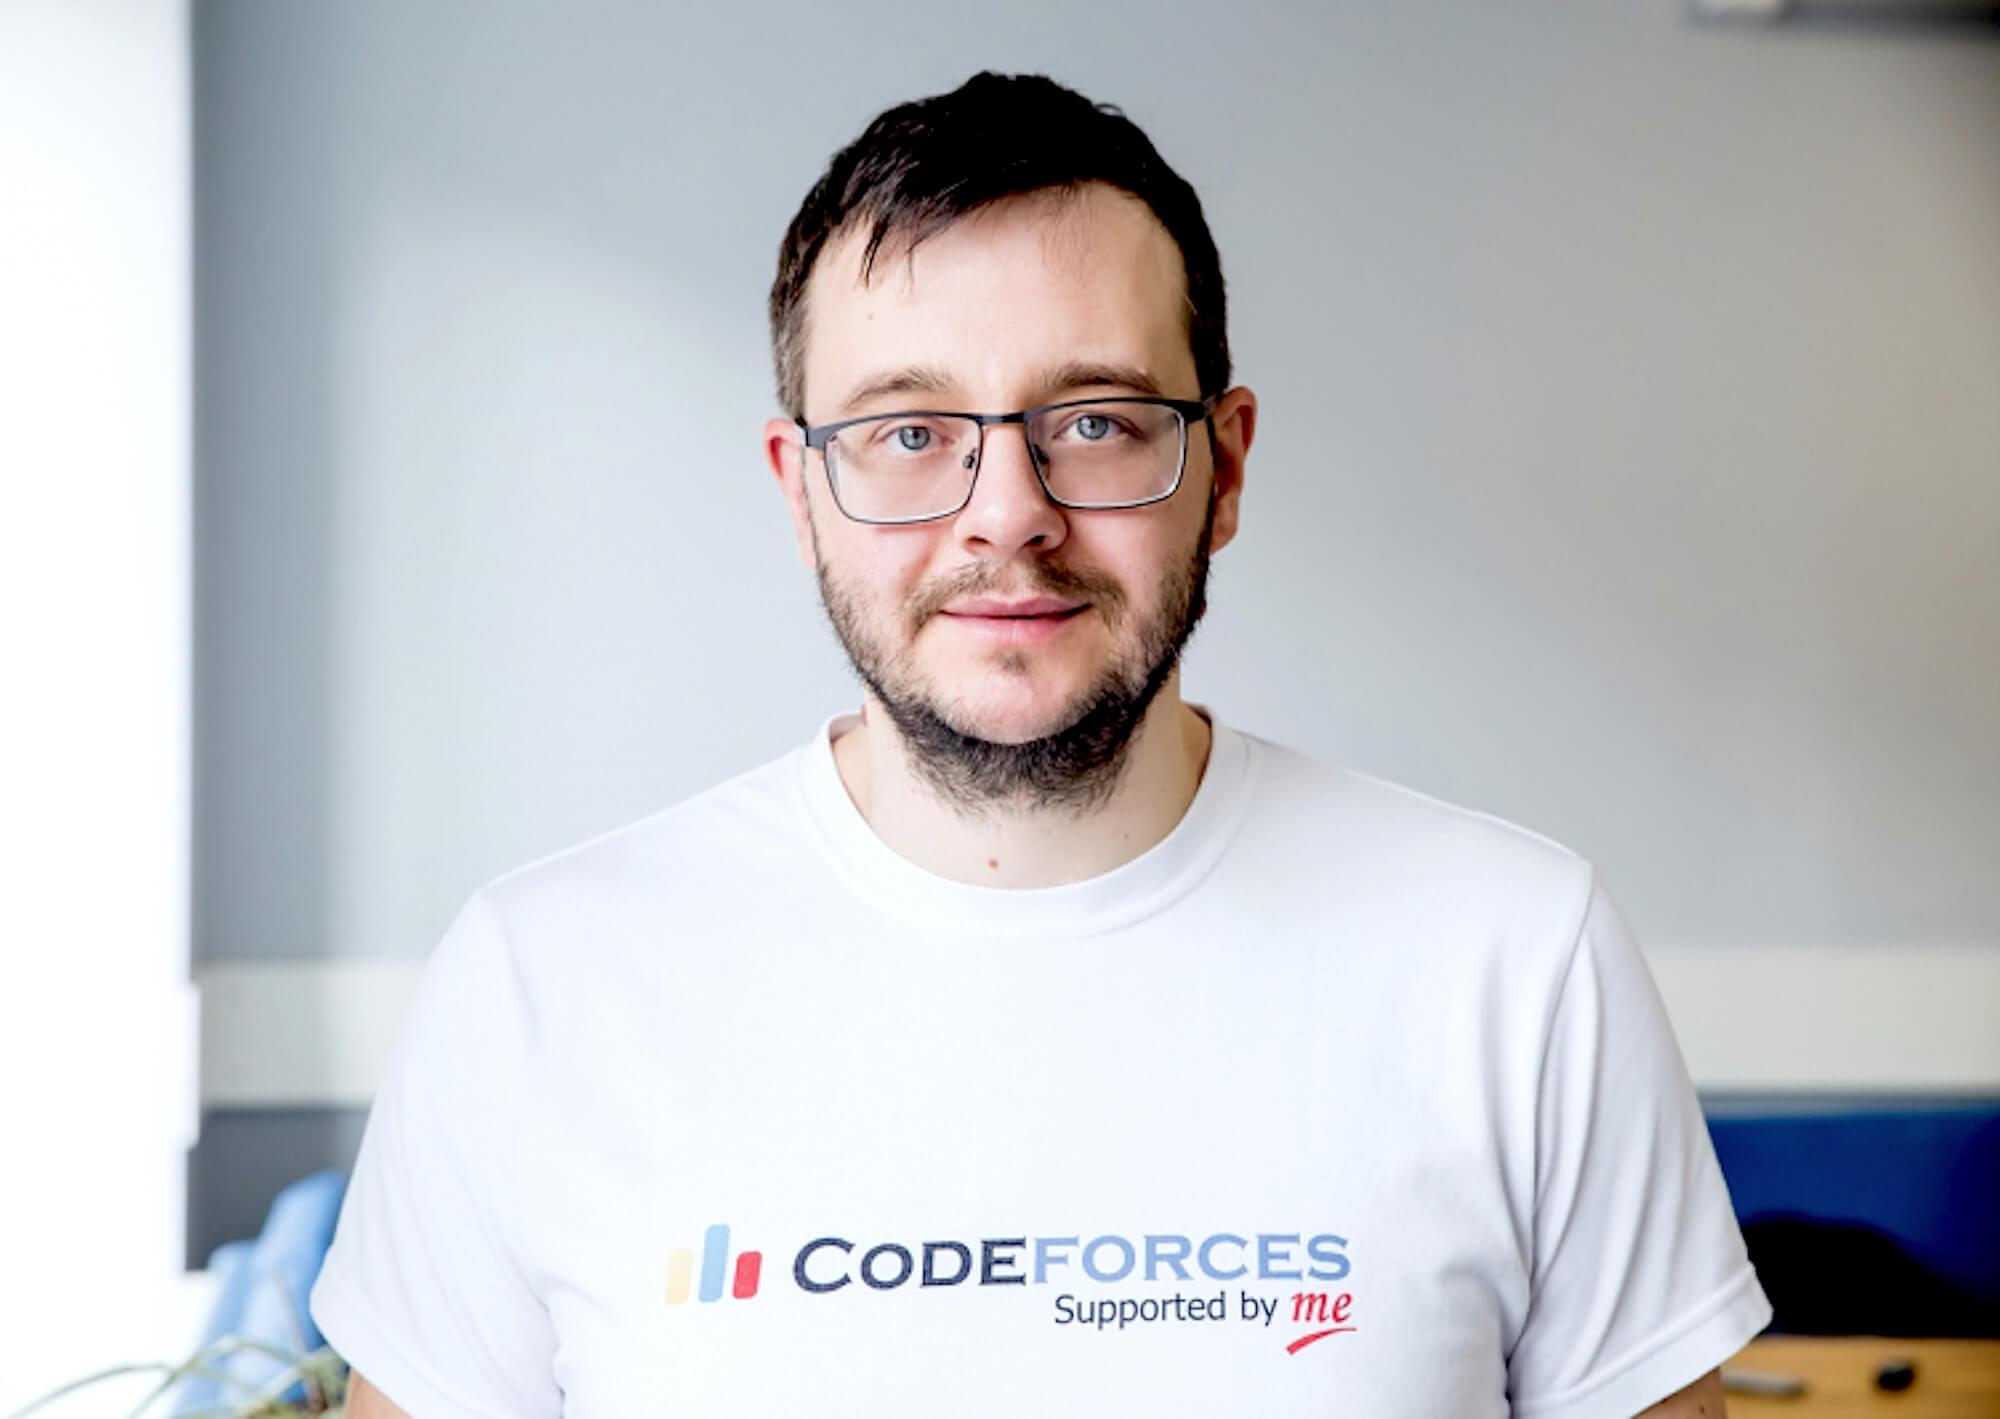 Михаил Мирзаянов, основатель Codeforces